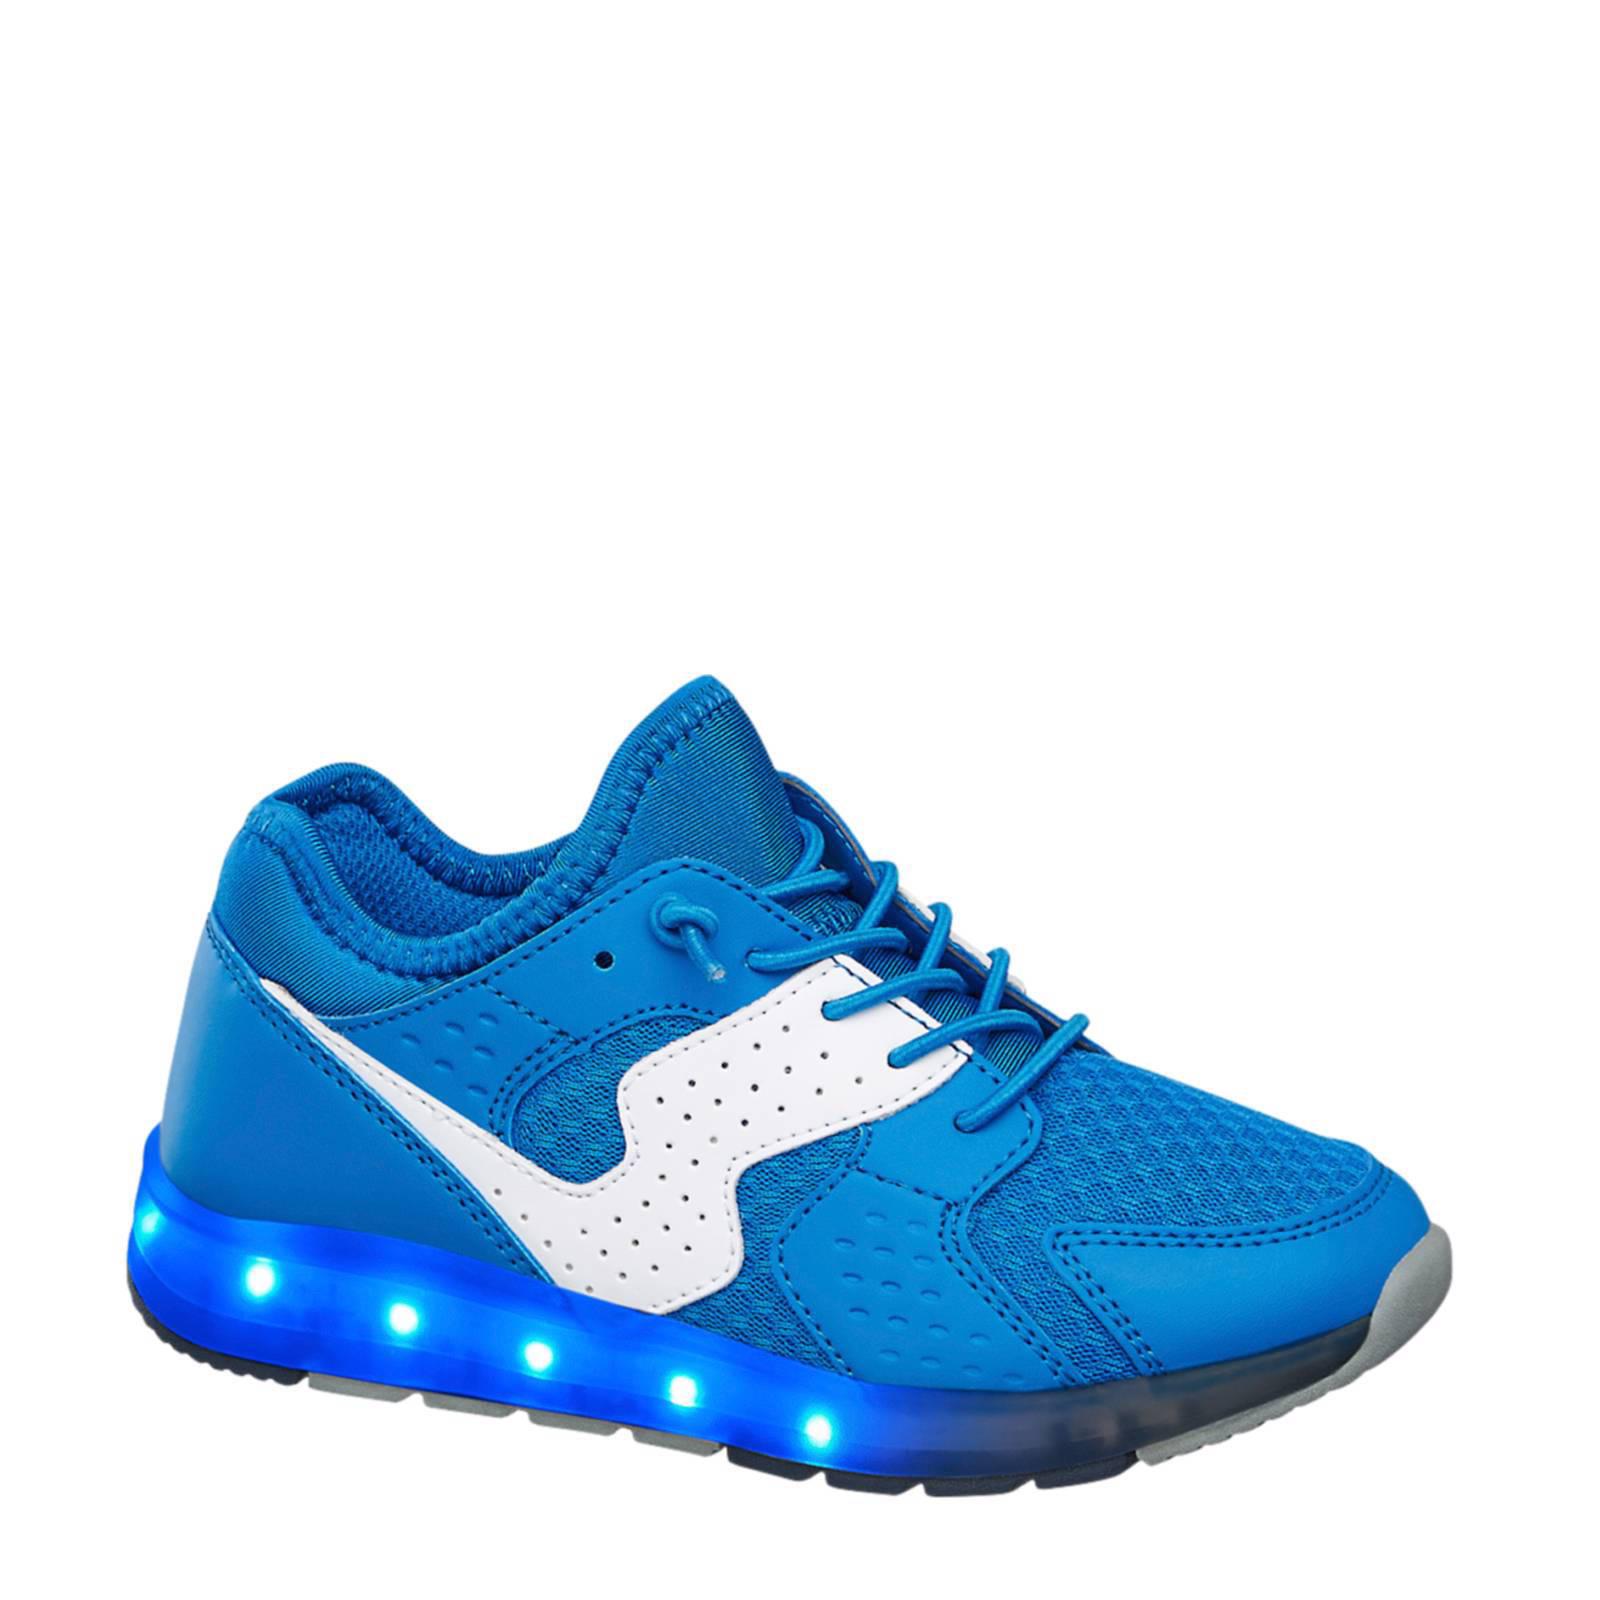 Vanharen Lampjes Sneakers Met Van Agaxy In Zool Led Wehkamp Qwhths Haren xPEPwr